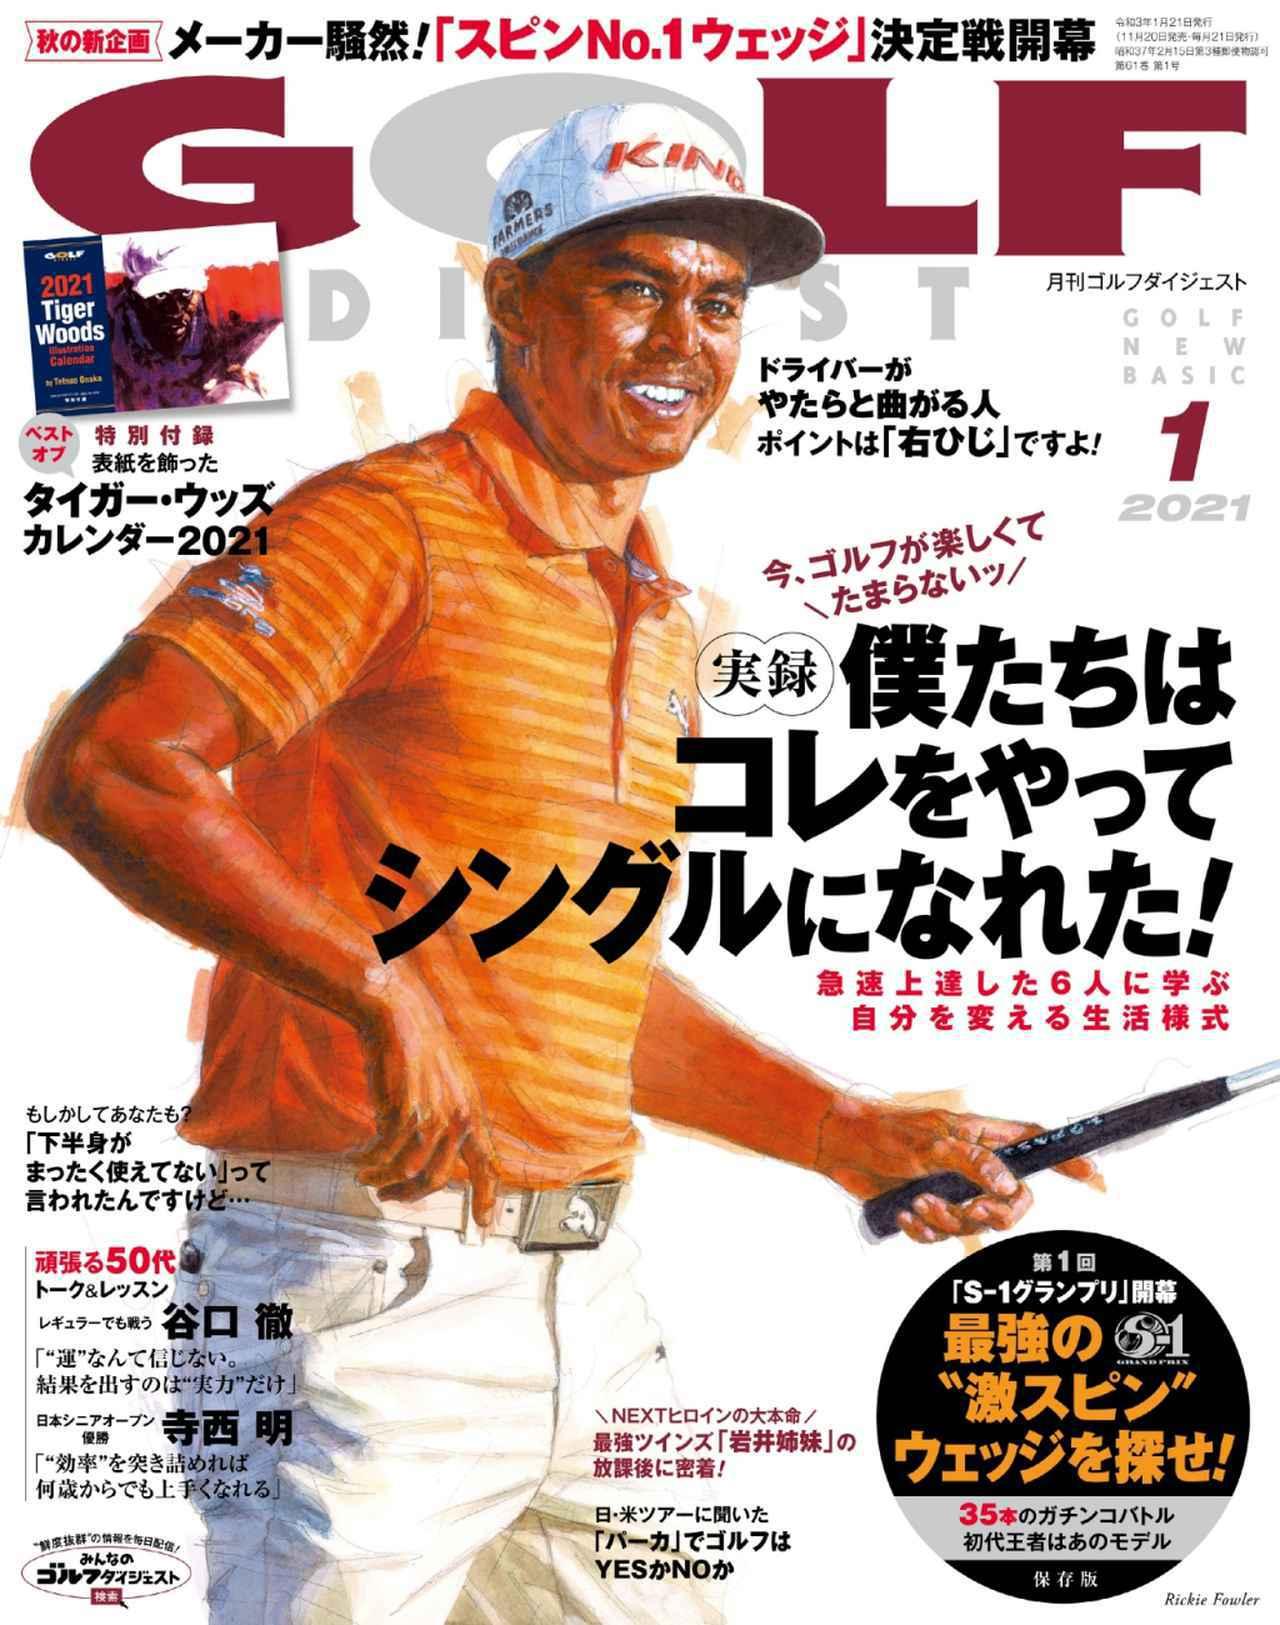 """画像: ゴルフダイジェスト 2021年 01月号 [雑誌] Kindle版 さあ、""""ゴルフ 新しい時代""""の幕開け!今号の巻頭特集のテーマは「【実録】僕たちはコレをやってシングルになれた!」です。アマチュア競技などでも活躍するトップアマたちは、それぞれどのようにしてシングルの扉を開いたのかを聞いていきます。グンと力を伸ばした練習法、頑固に取り組んだドリル、あるいは上達のきっかけとなった見方や考え方の変化など、アベレージが参考になるポイントが満載です。レッスンでは他にも「何とかしたい""""荒れ球""""ドライバー ポイントは『右ひじ』!」「ドライバーとアイアン 体の動かし方はこんなに違う!」など。谷口徹、寺西明、そしてアマチュアの「岩井姉妹」など注目を集めるゴルファーの特集も読みごたえたっぷりです。新たな名物企画として「第1回『S-1グランプリ』」もスタートします!(紙雑誌のカレンダー付録は電子版には付属しません。ご了承ください) www.amazon.co.jp"""